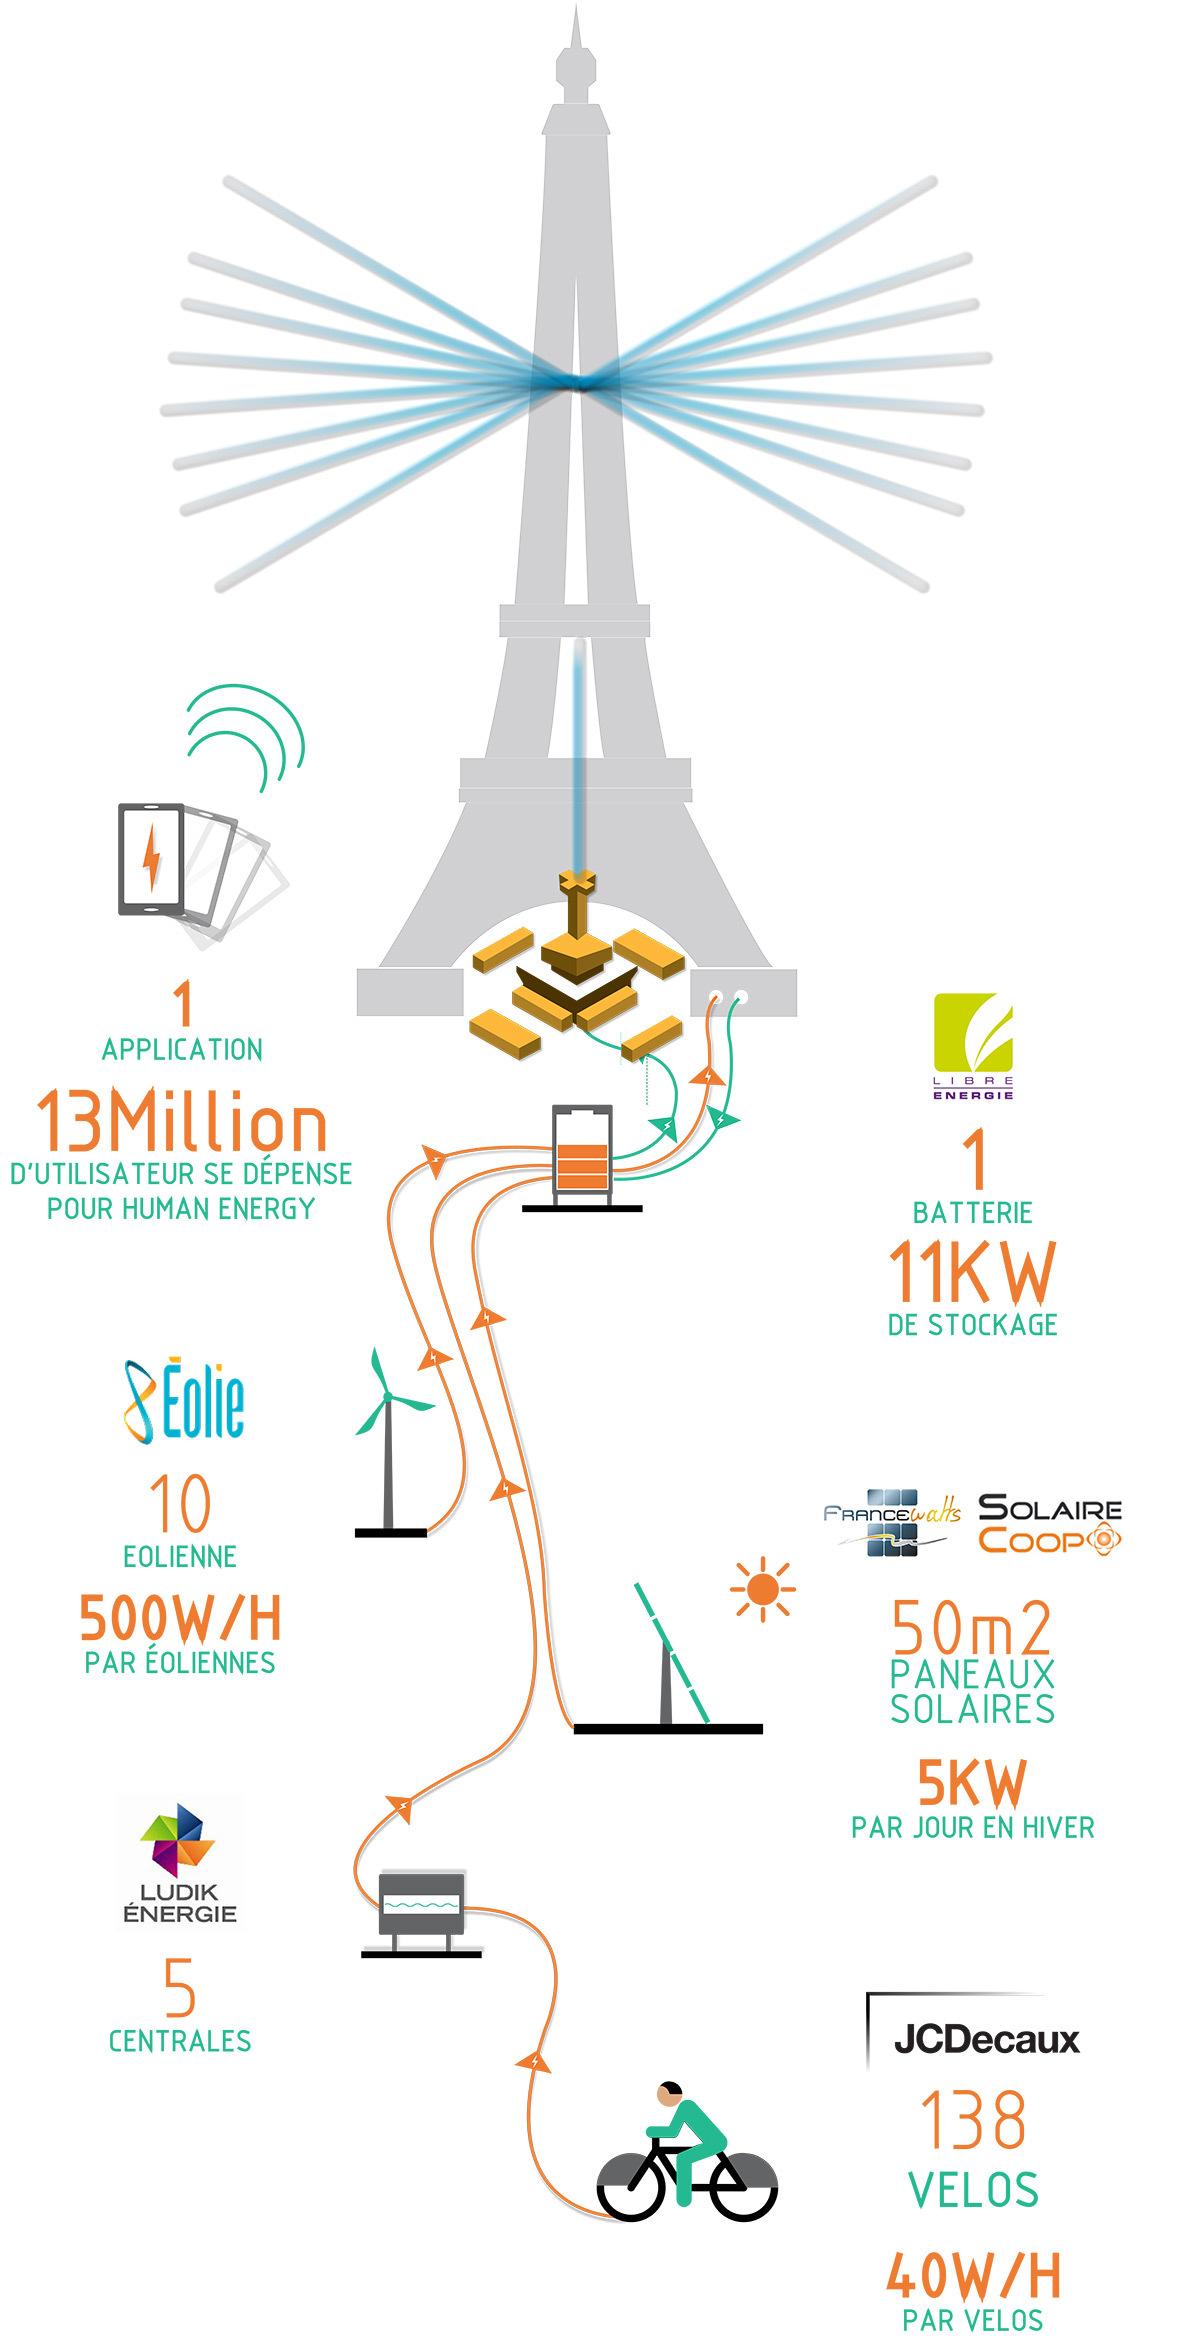 Human Energy sur la Tour Eiffel, Paris, France - Infographie du projet © artiste Yann Toma, scénographie ARTEL